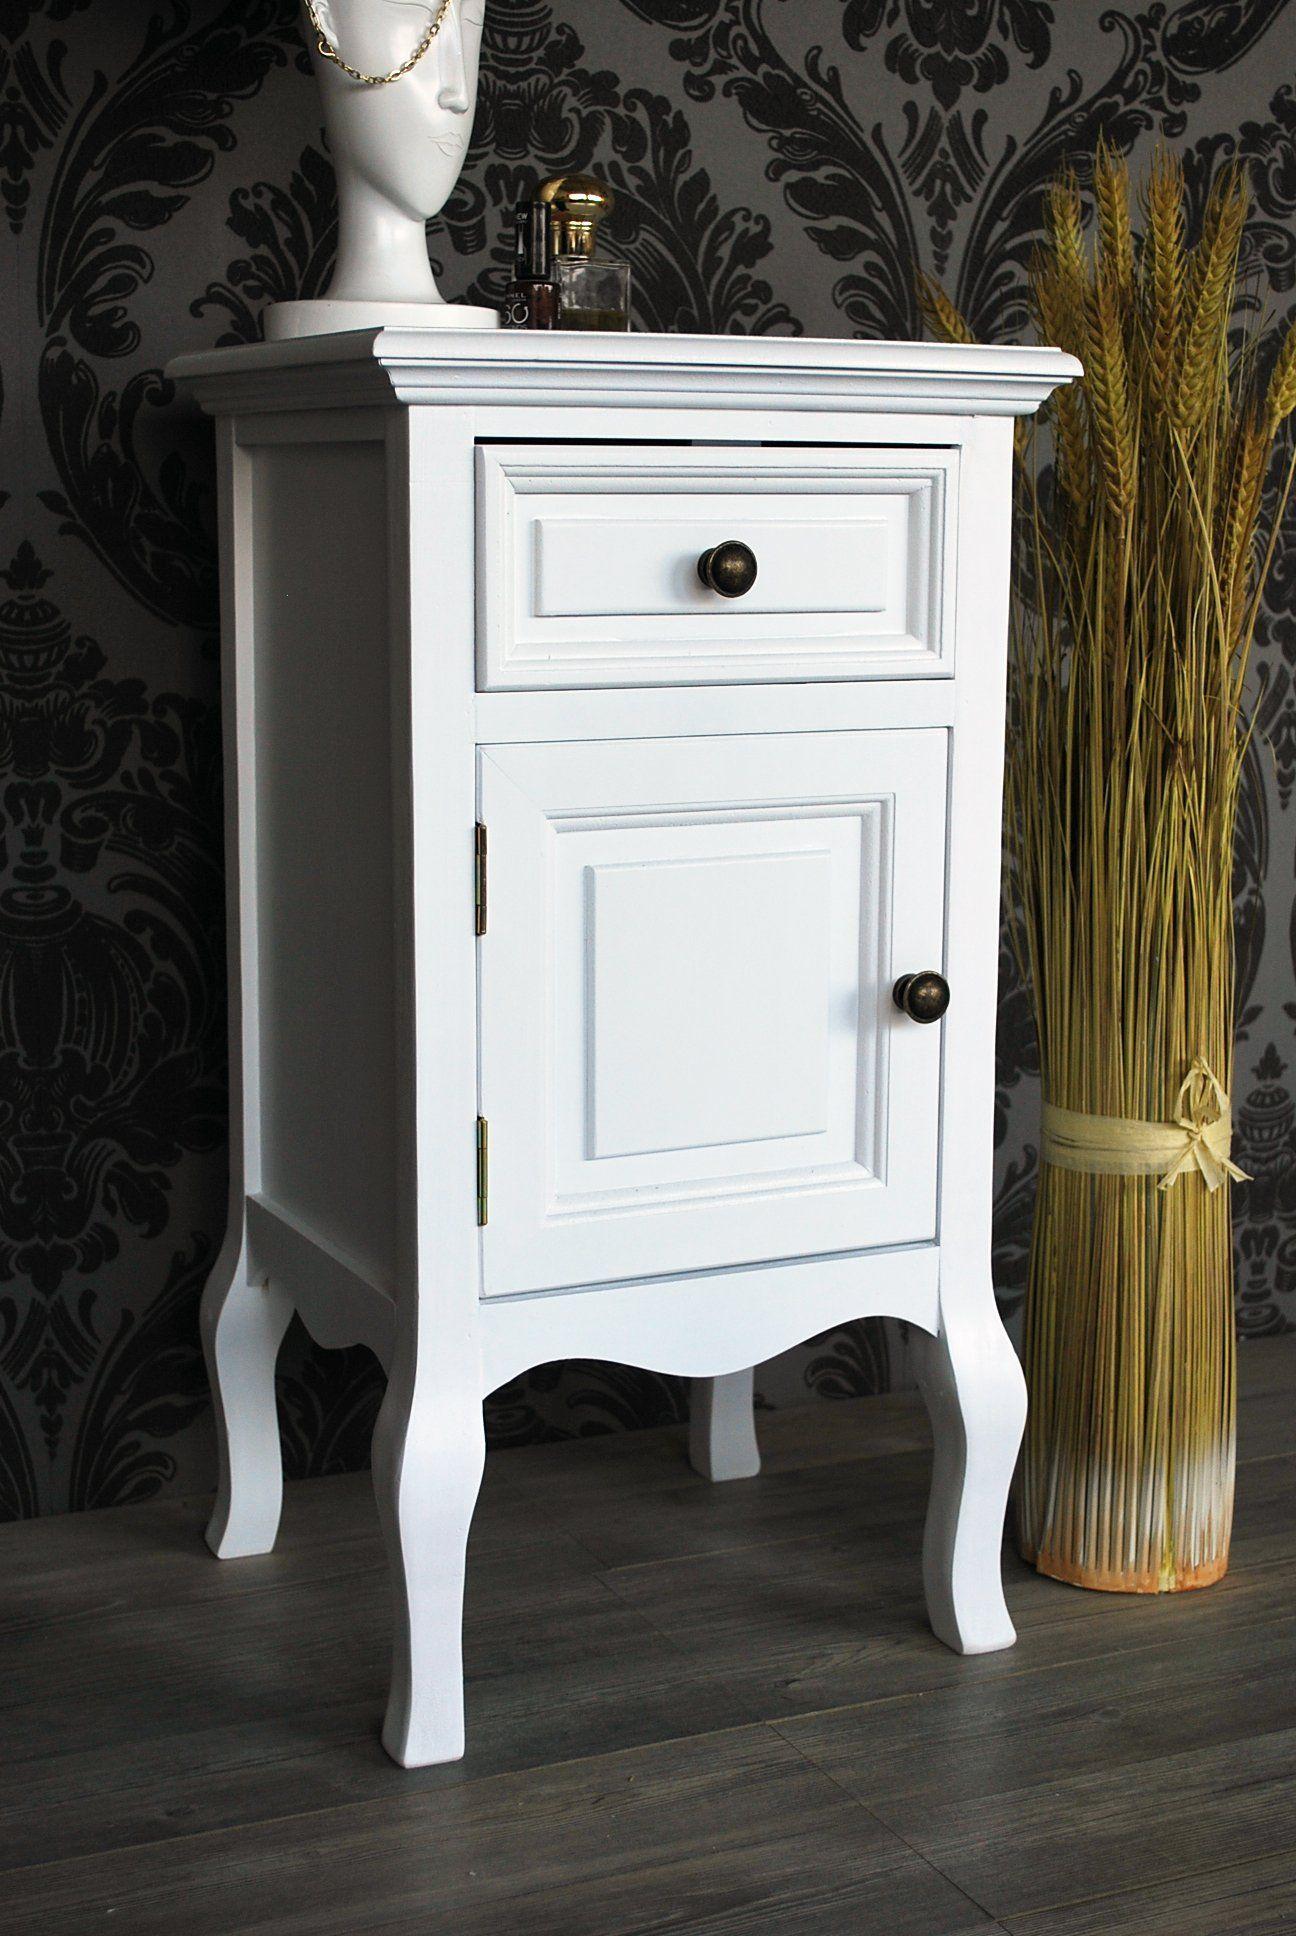 nachttisch kommode kleiner schrank nachttisch kommode wei shabby landhaus stil faux antique lfw. Black Bedroom Furniture Sets. Home Design Ideas